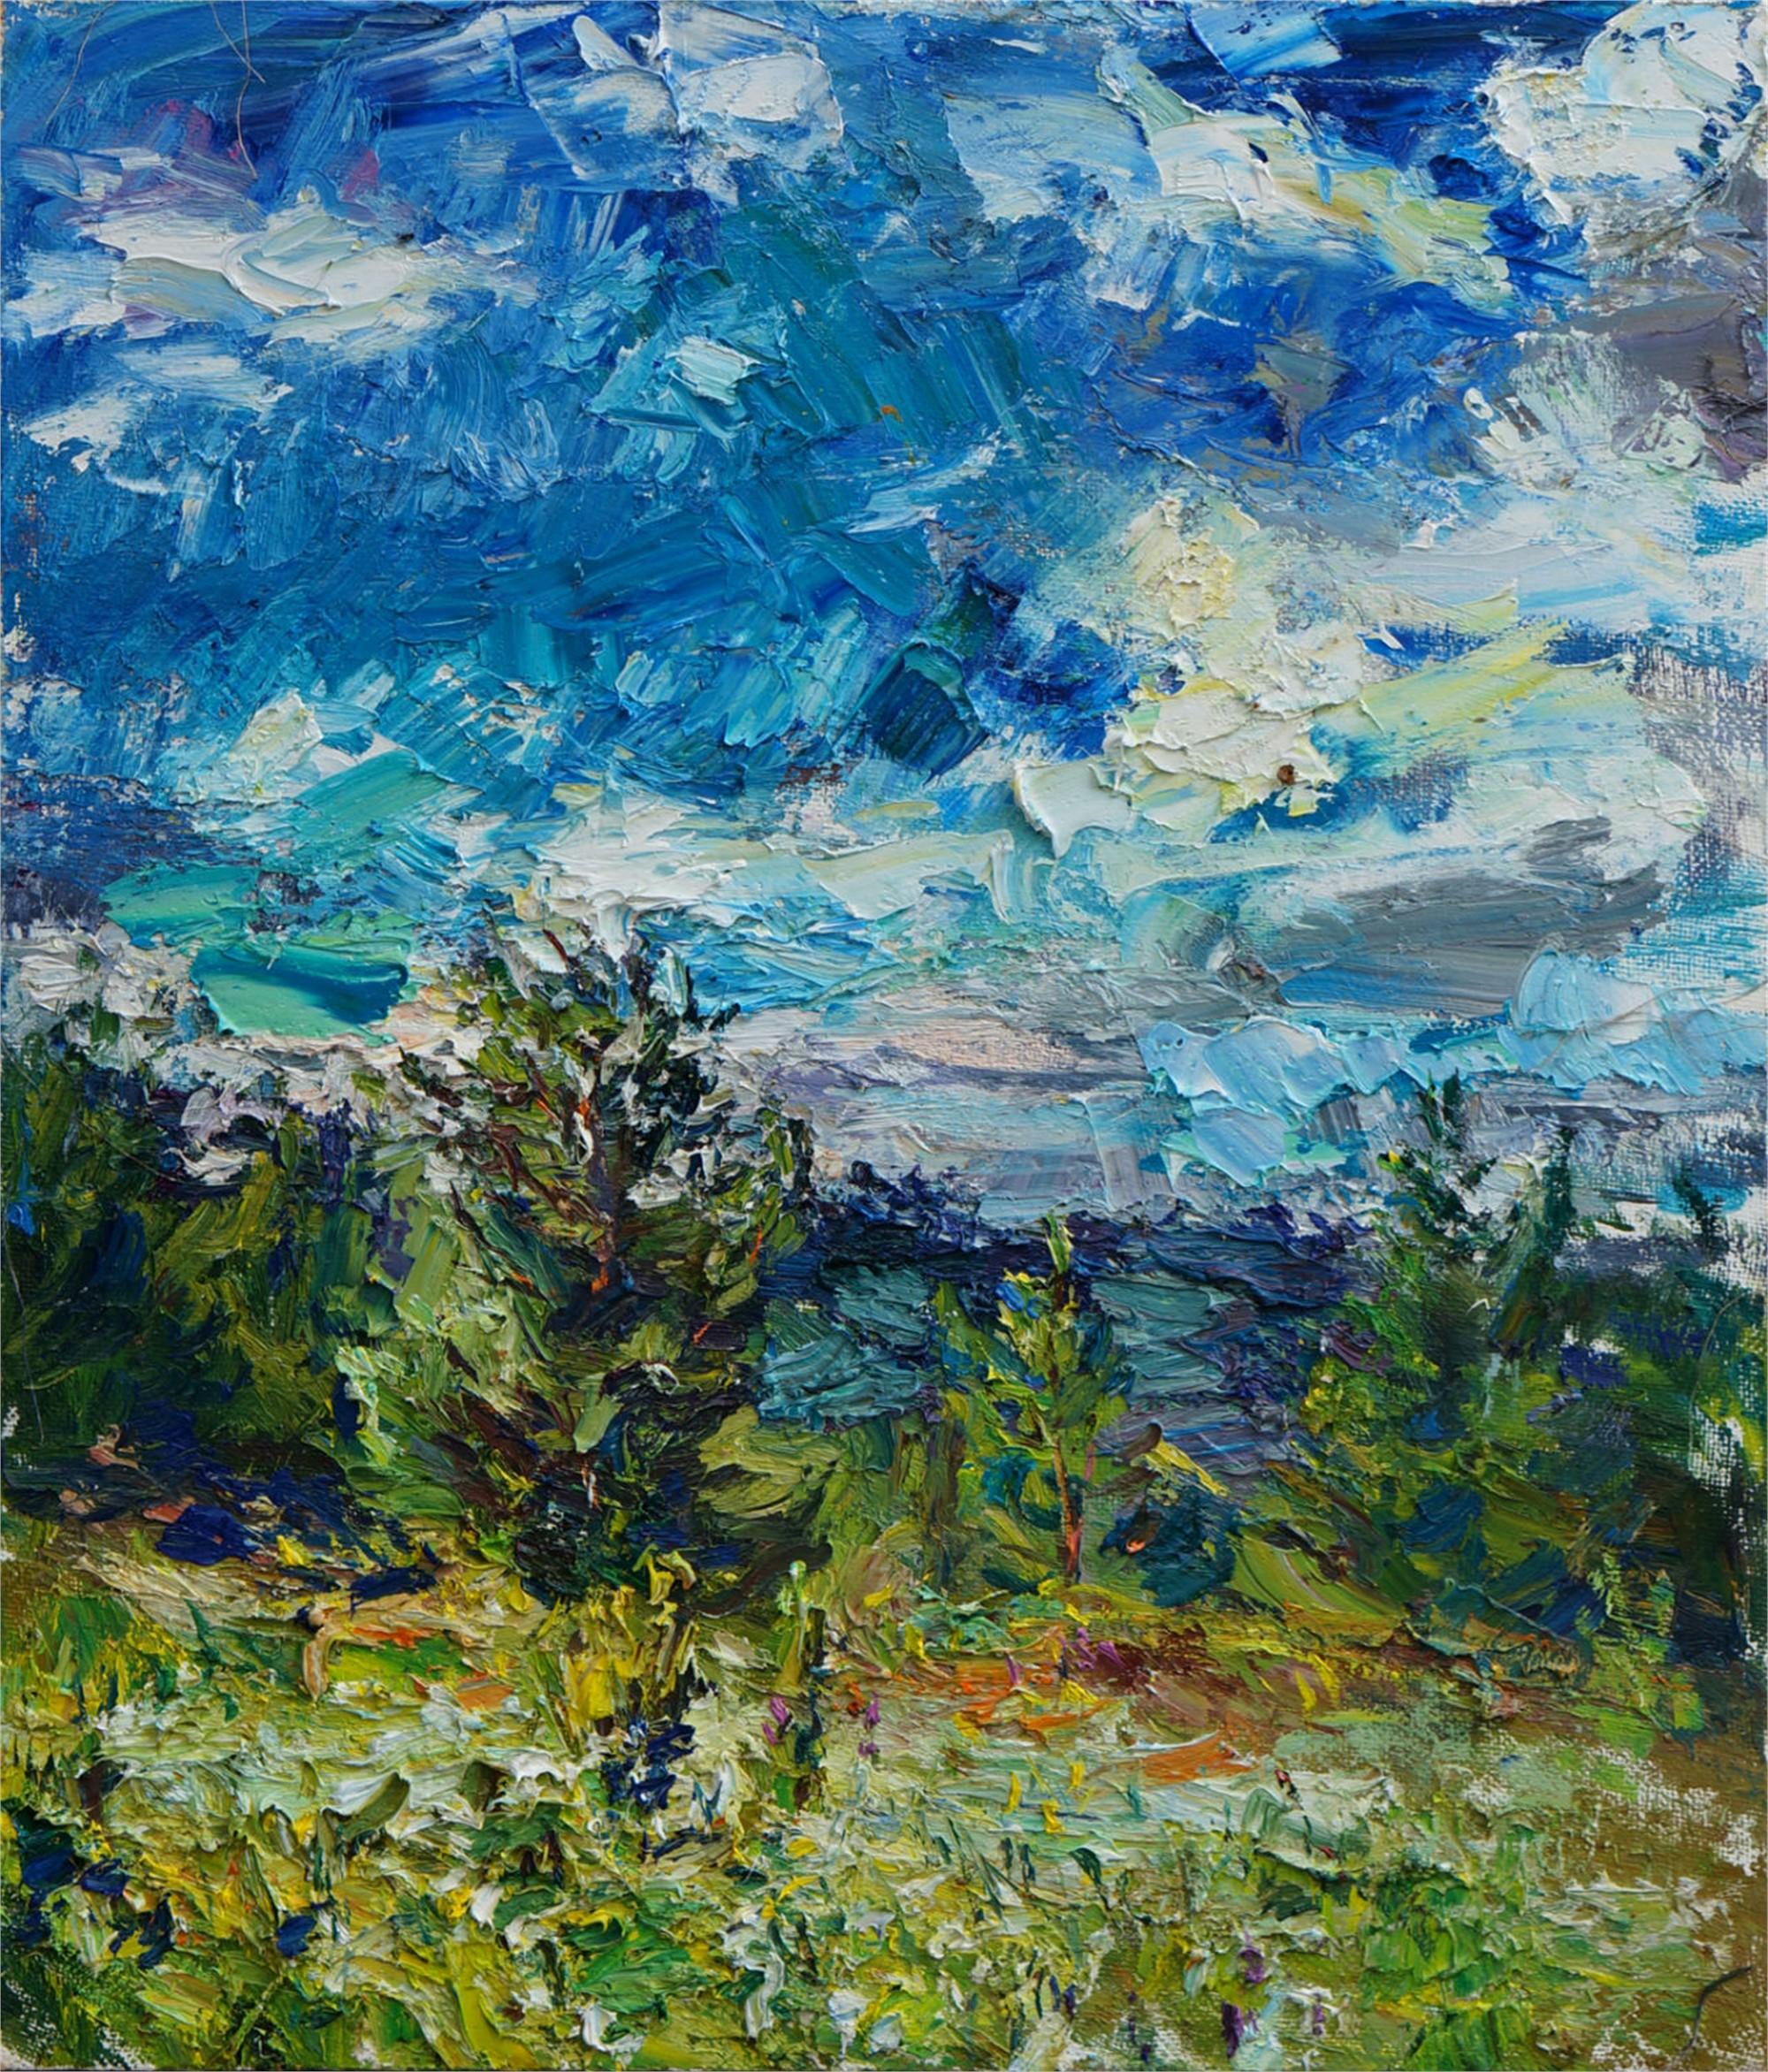 Blue Skies (in the Urals) by Ulrich Gleiter